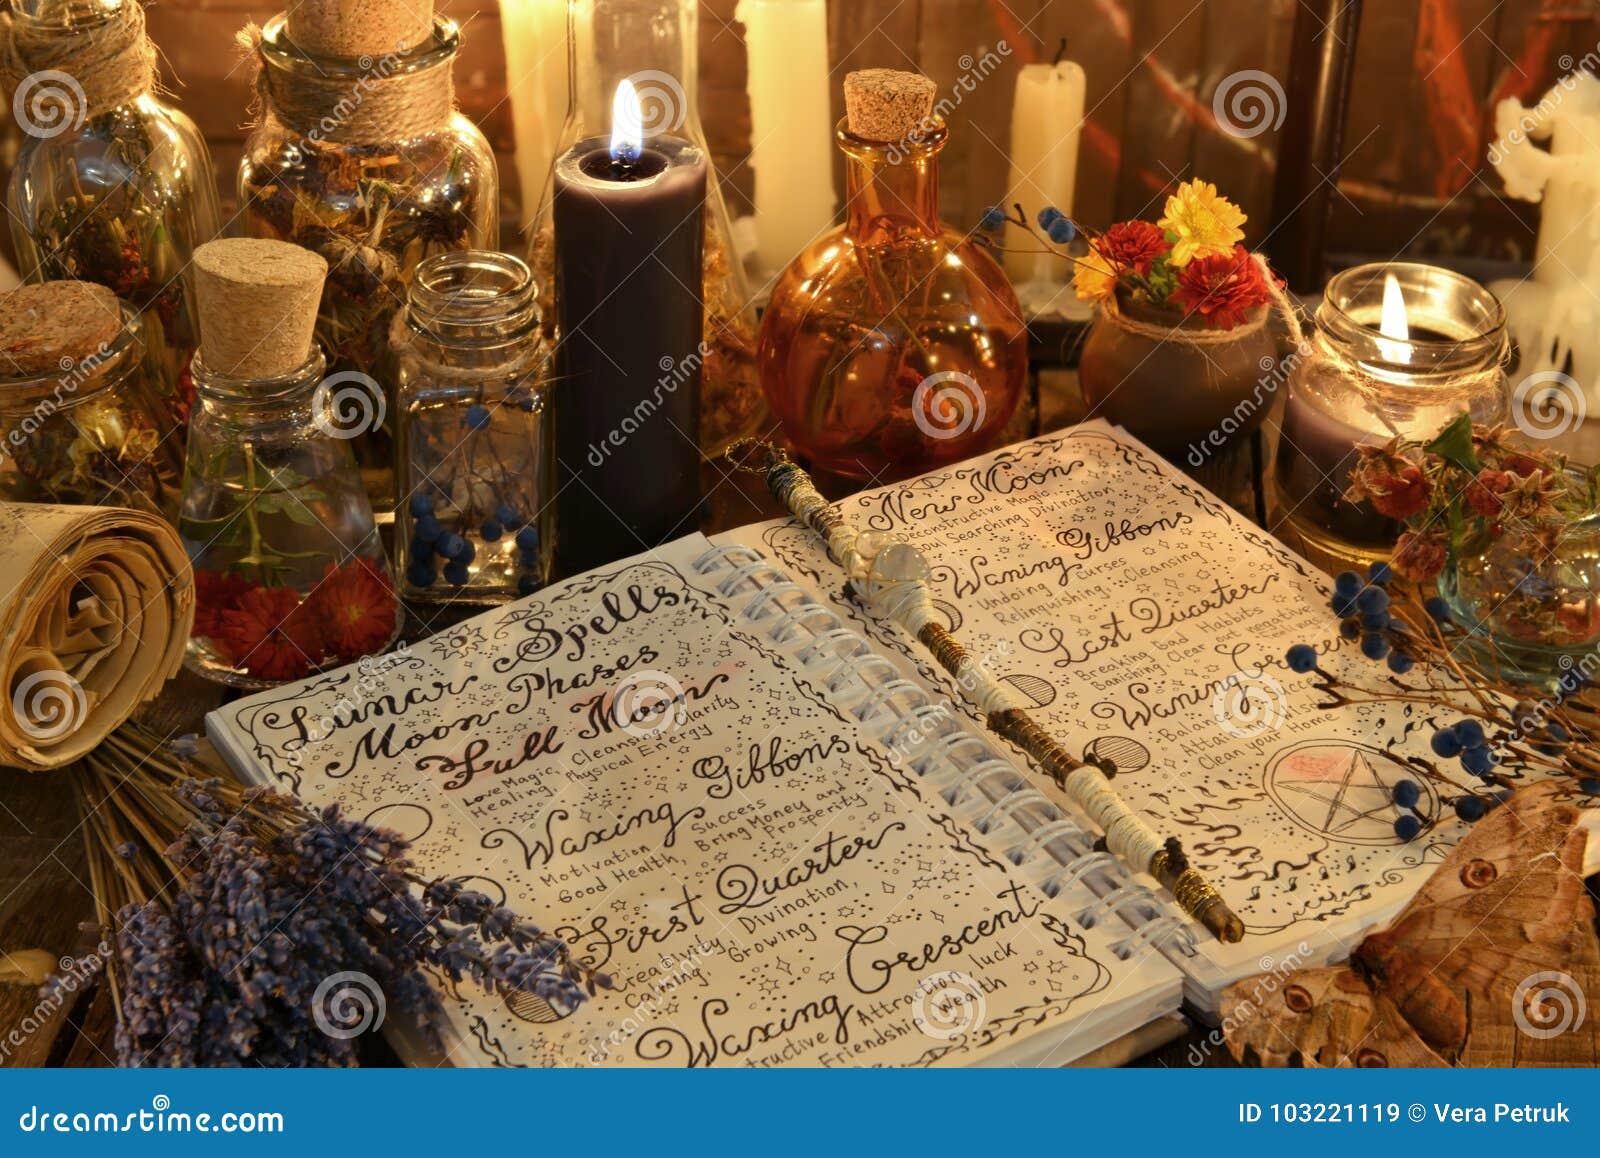 Μαγικό βιβλίο με τις περιόδους, lavender τη δέσμη και το μαύρο κερί στον πίνακα μαγισσών